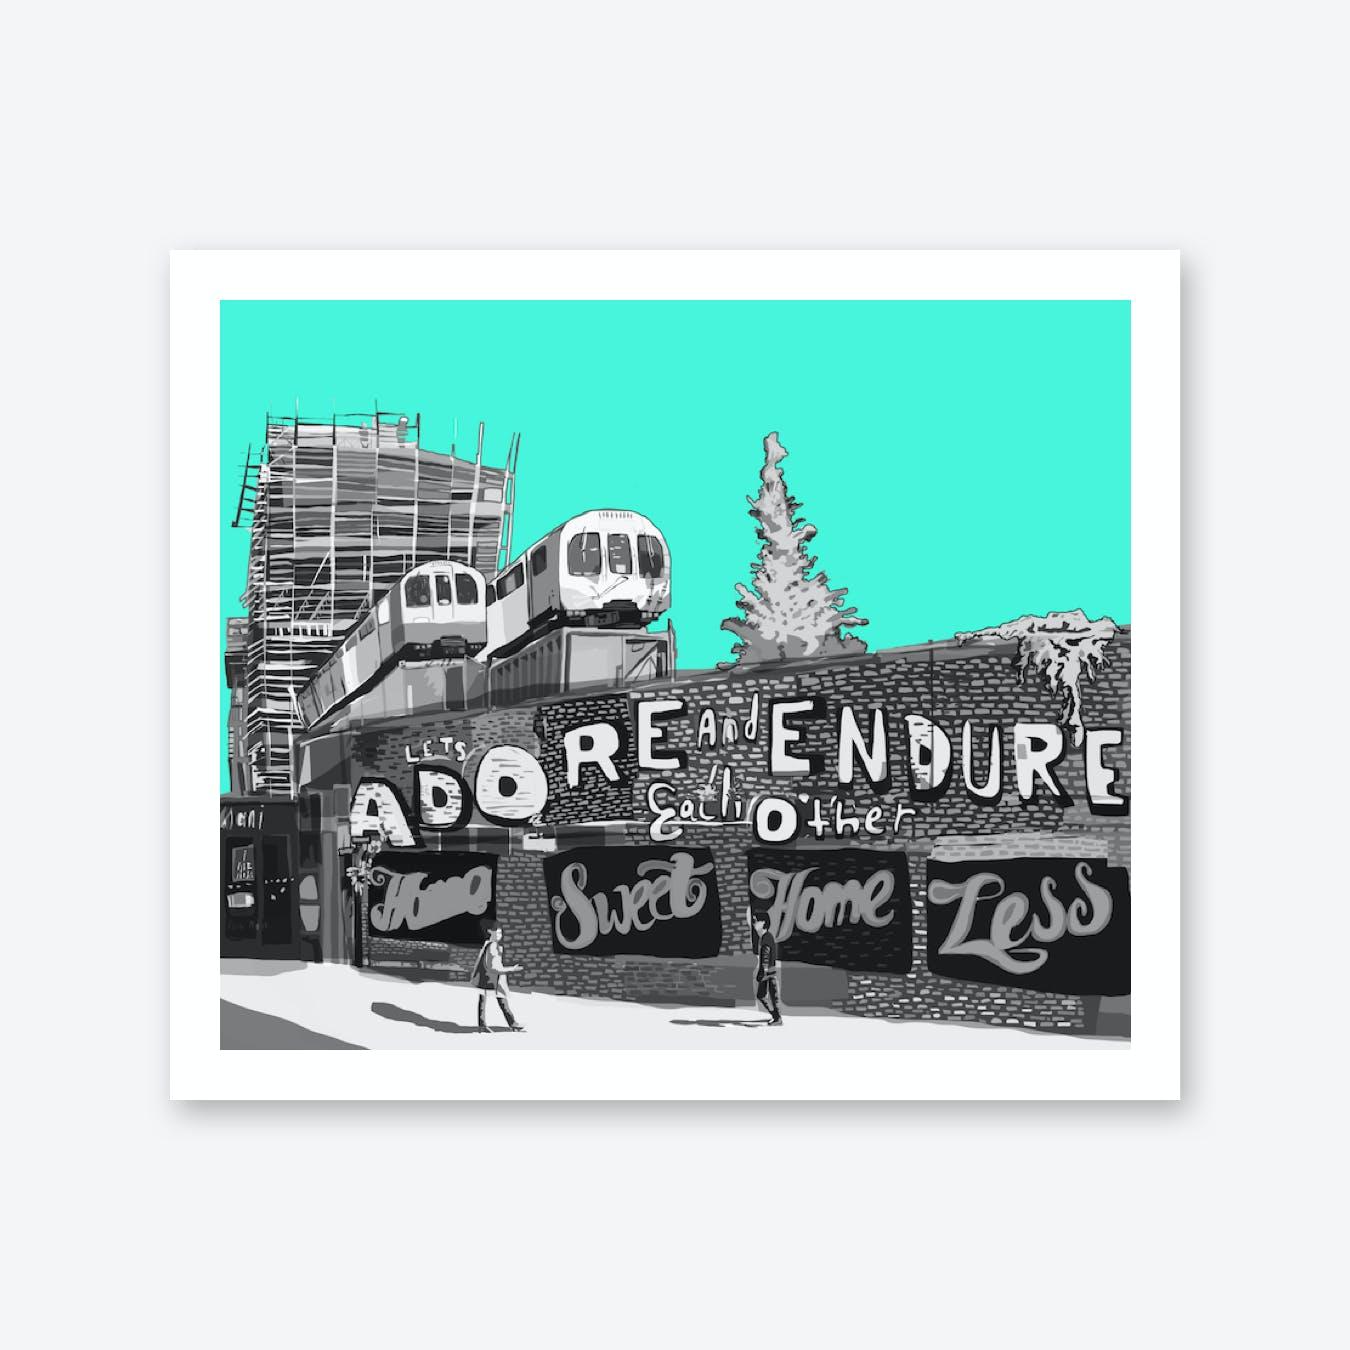 Adore + Endure Light Green, Shoreditch A3 Print